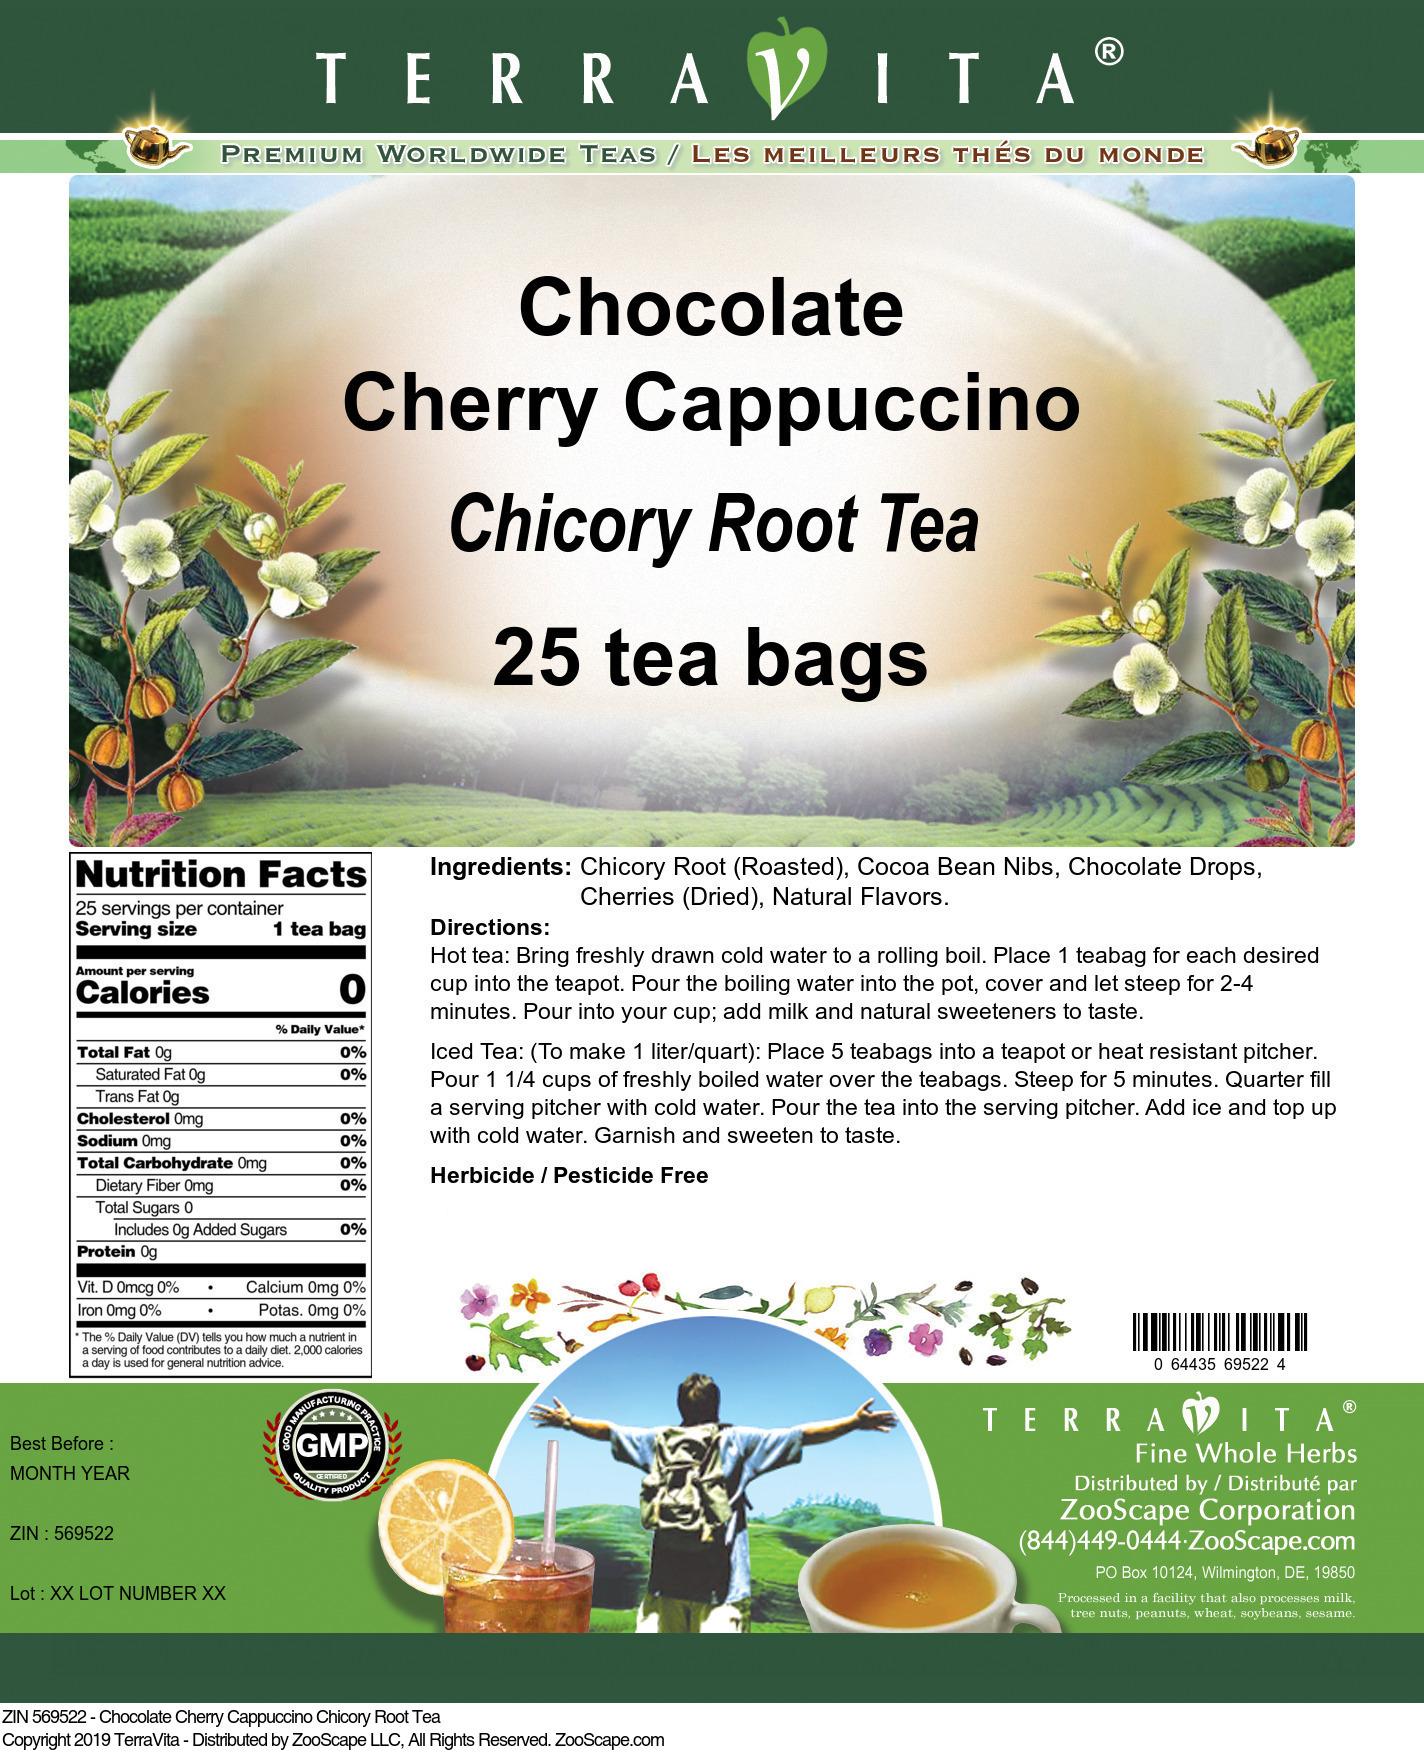 Chocolate Cherry Cappuccino Chicory Root